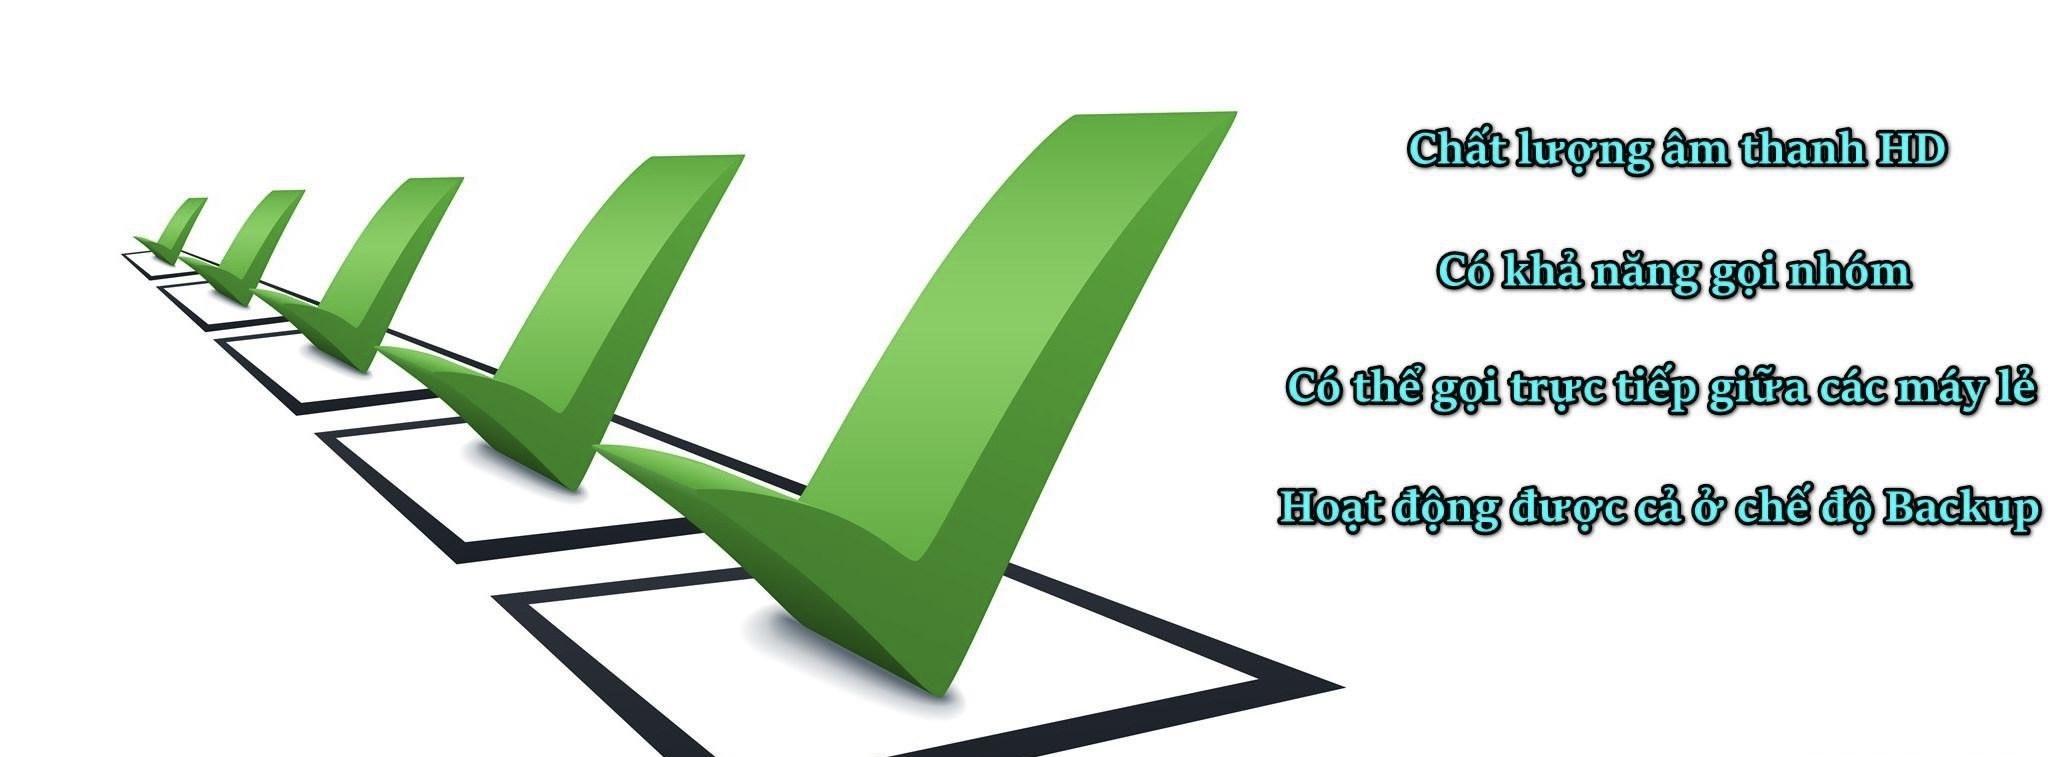 Điện thoại bàn IP và các ưu điểm nổi bật đáng chú ý.